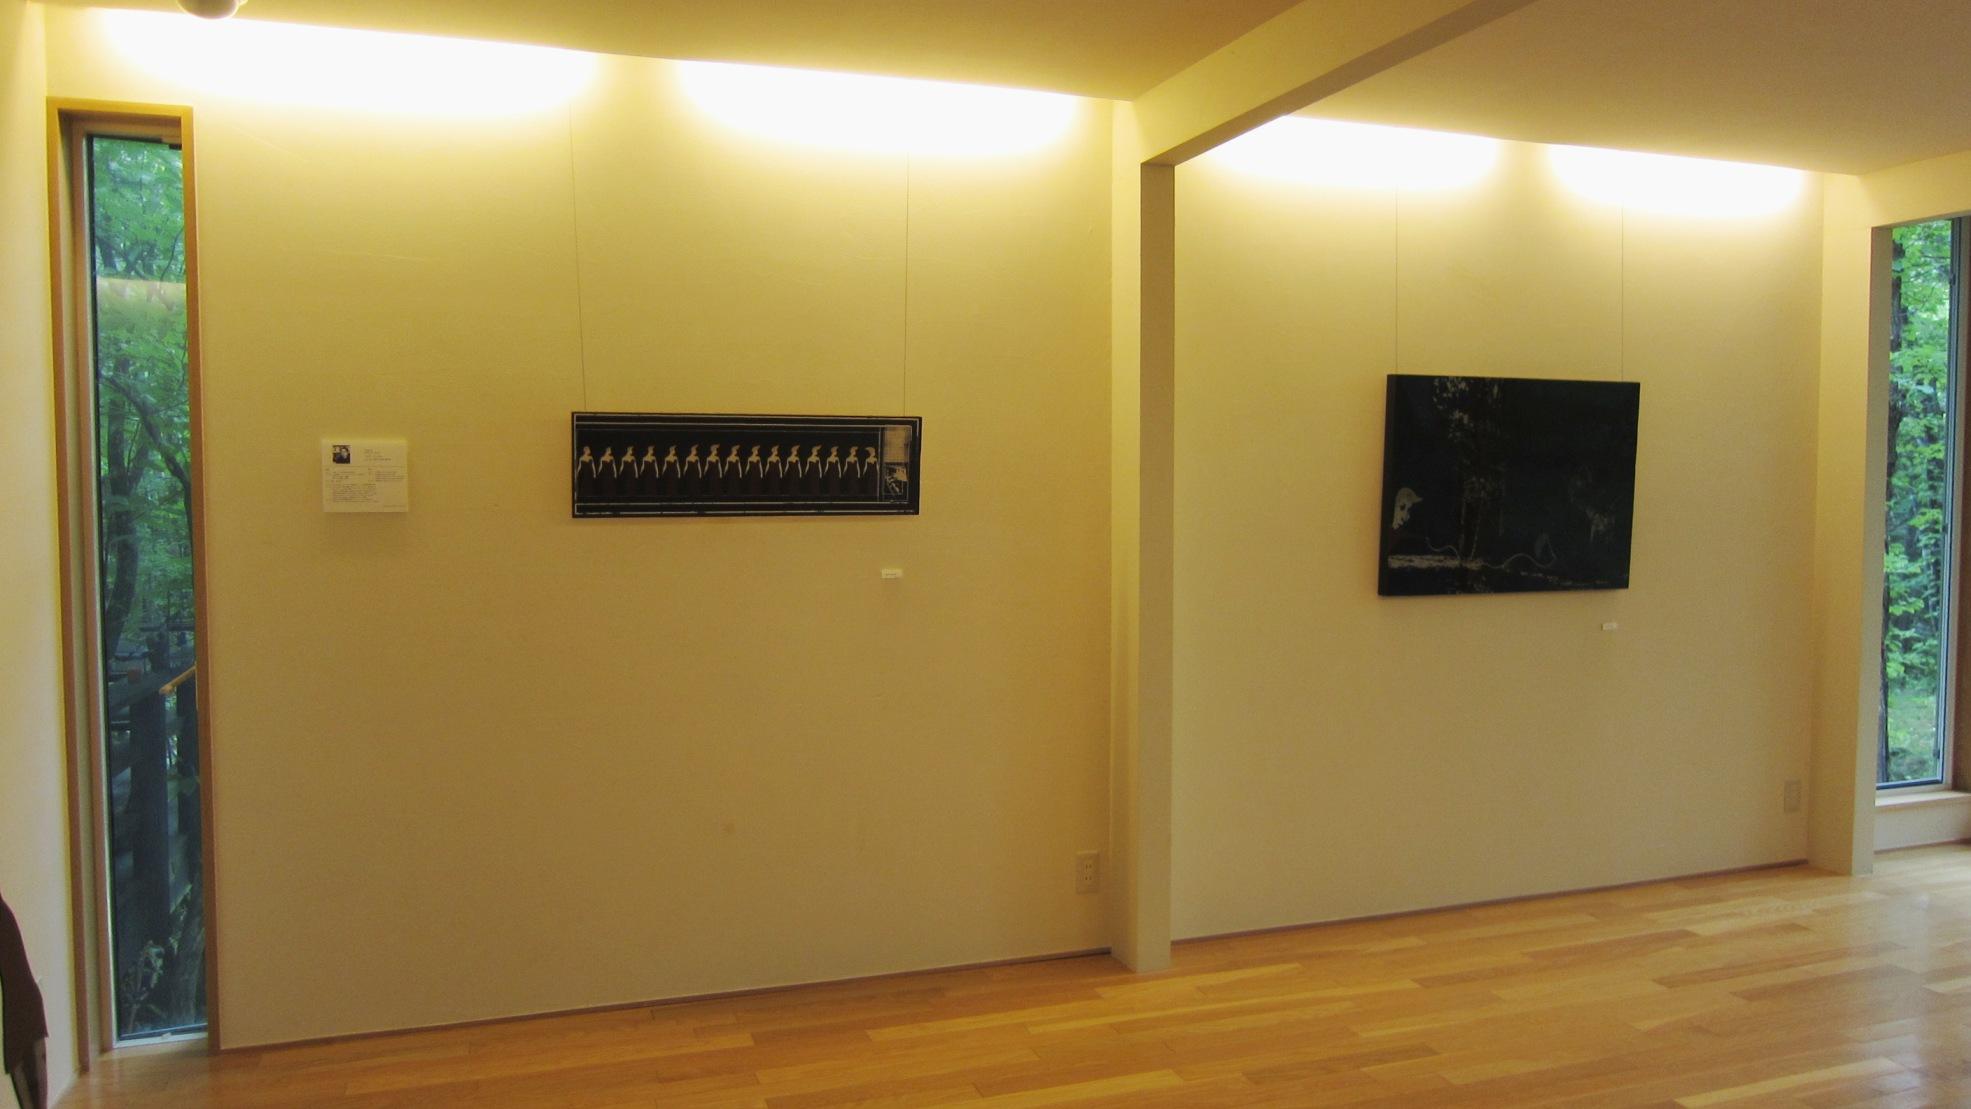 2090)終了「松浦進 展 『cryptic』」北広島市・黒い森美術館 7月1.2.3・・8.9.10日  _f0126829_23582673.jpg